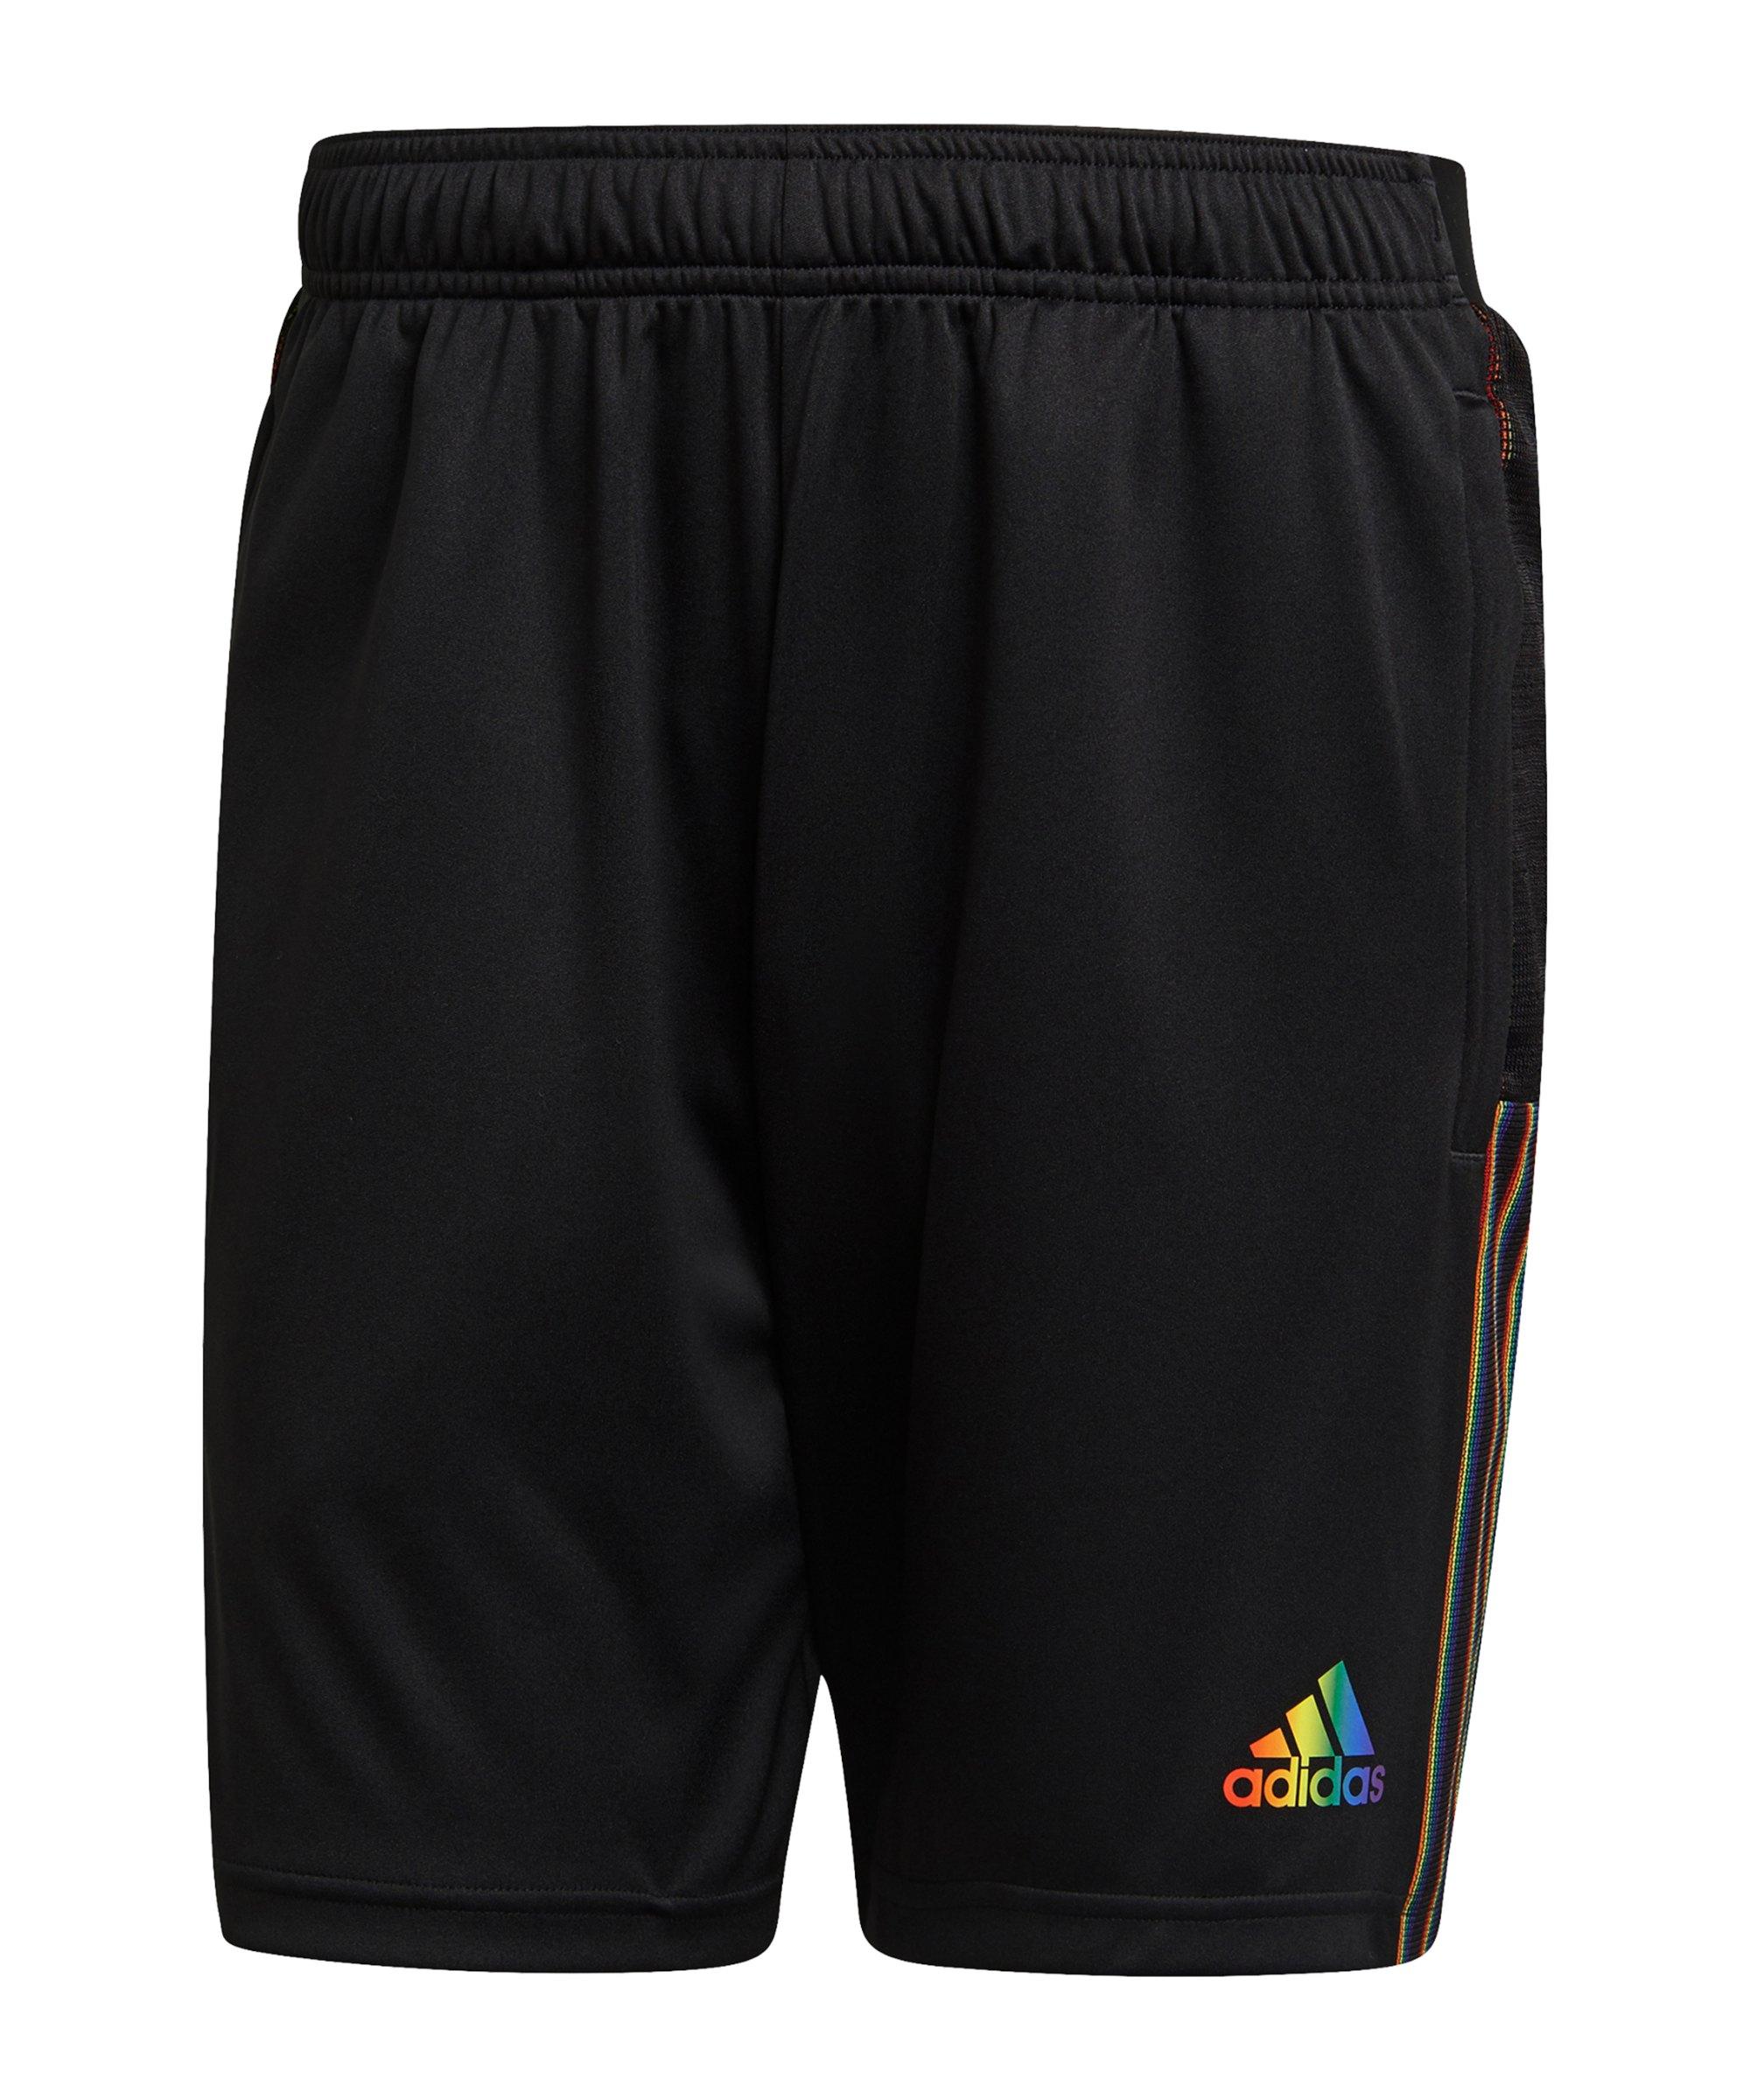 adidas Tiro Pride Short Schwarz - schwarz